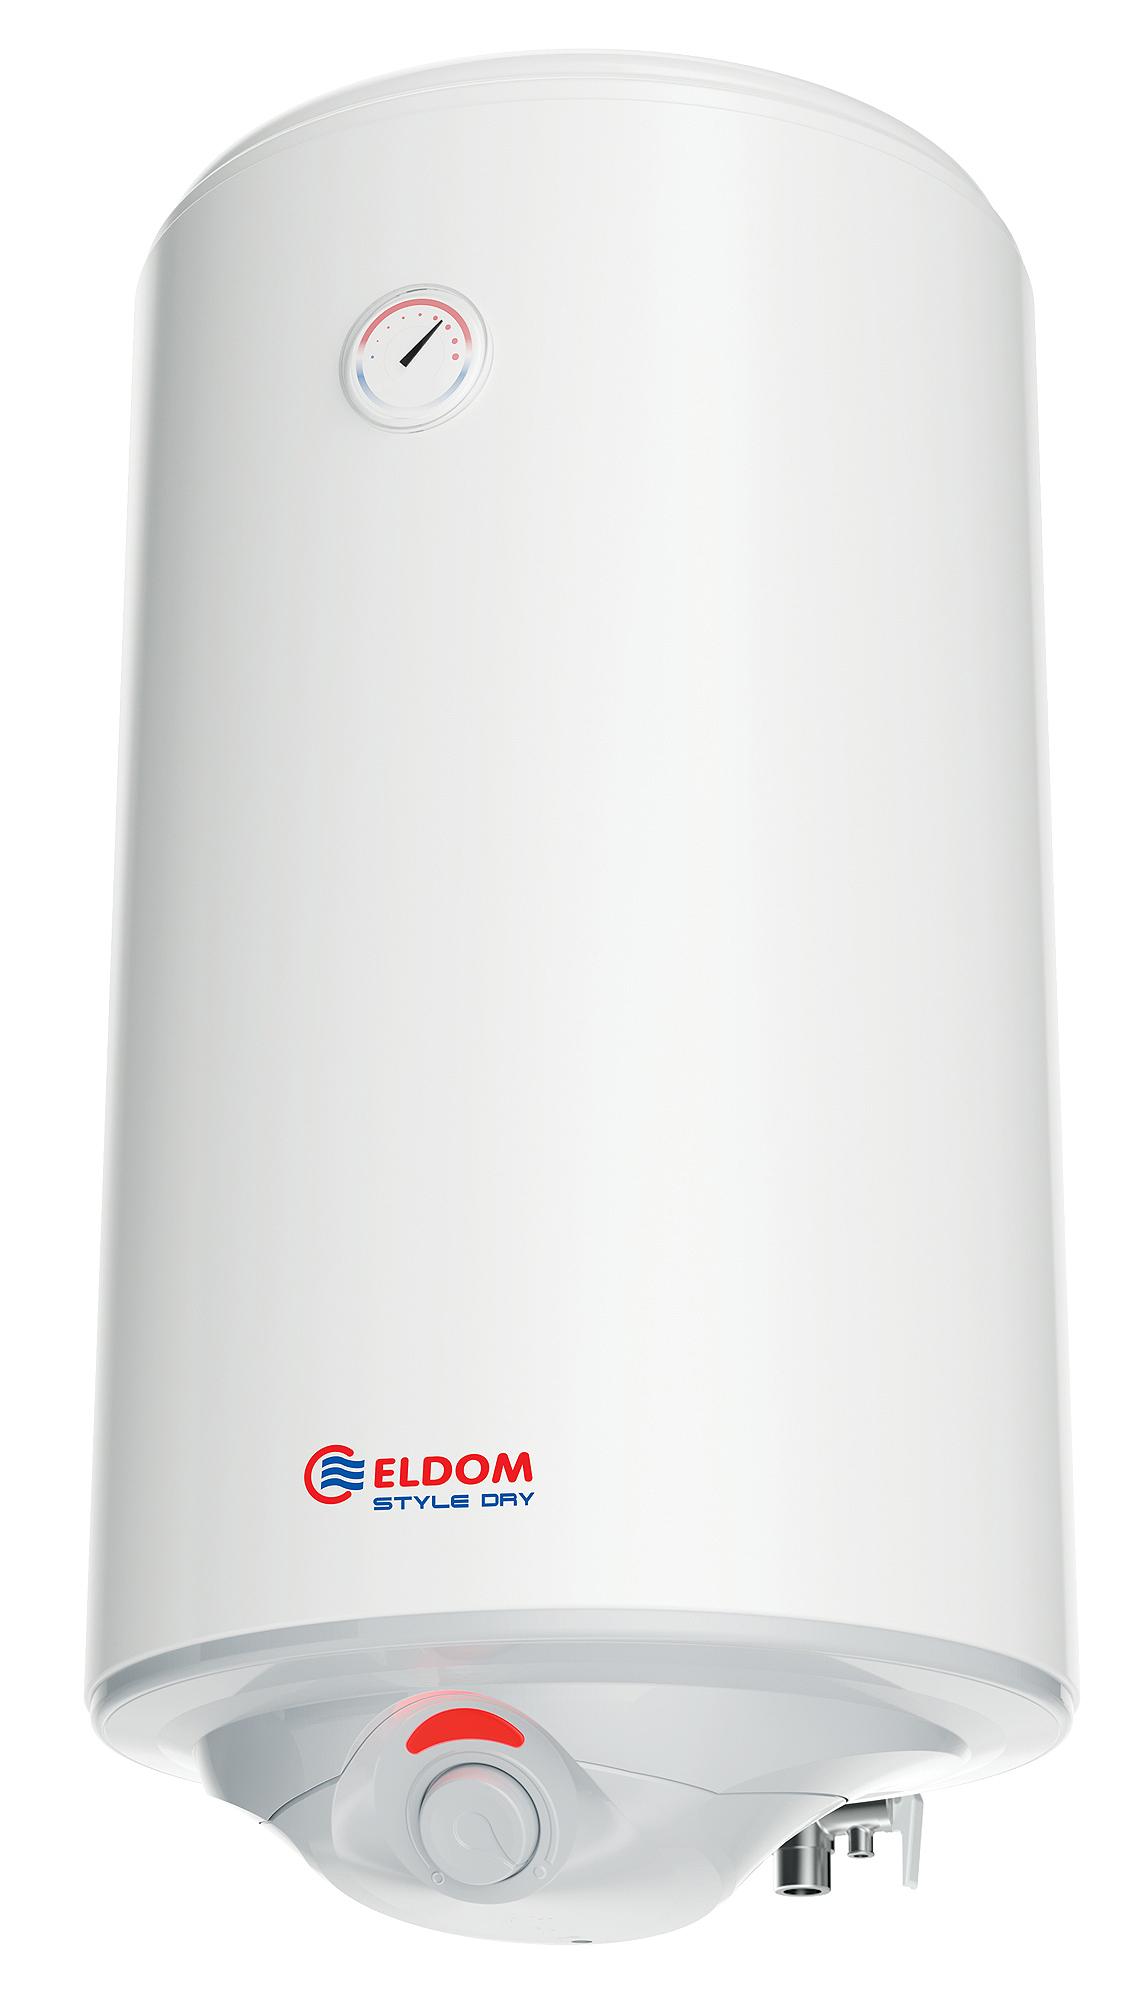 Warmwasserspeicher Eldom Style Dry 80 Liter druckfest